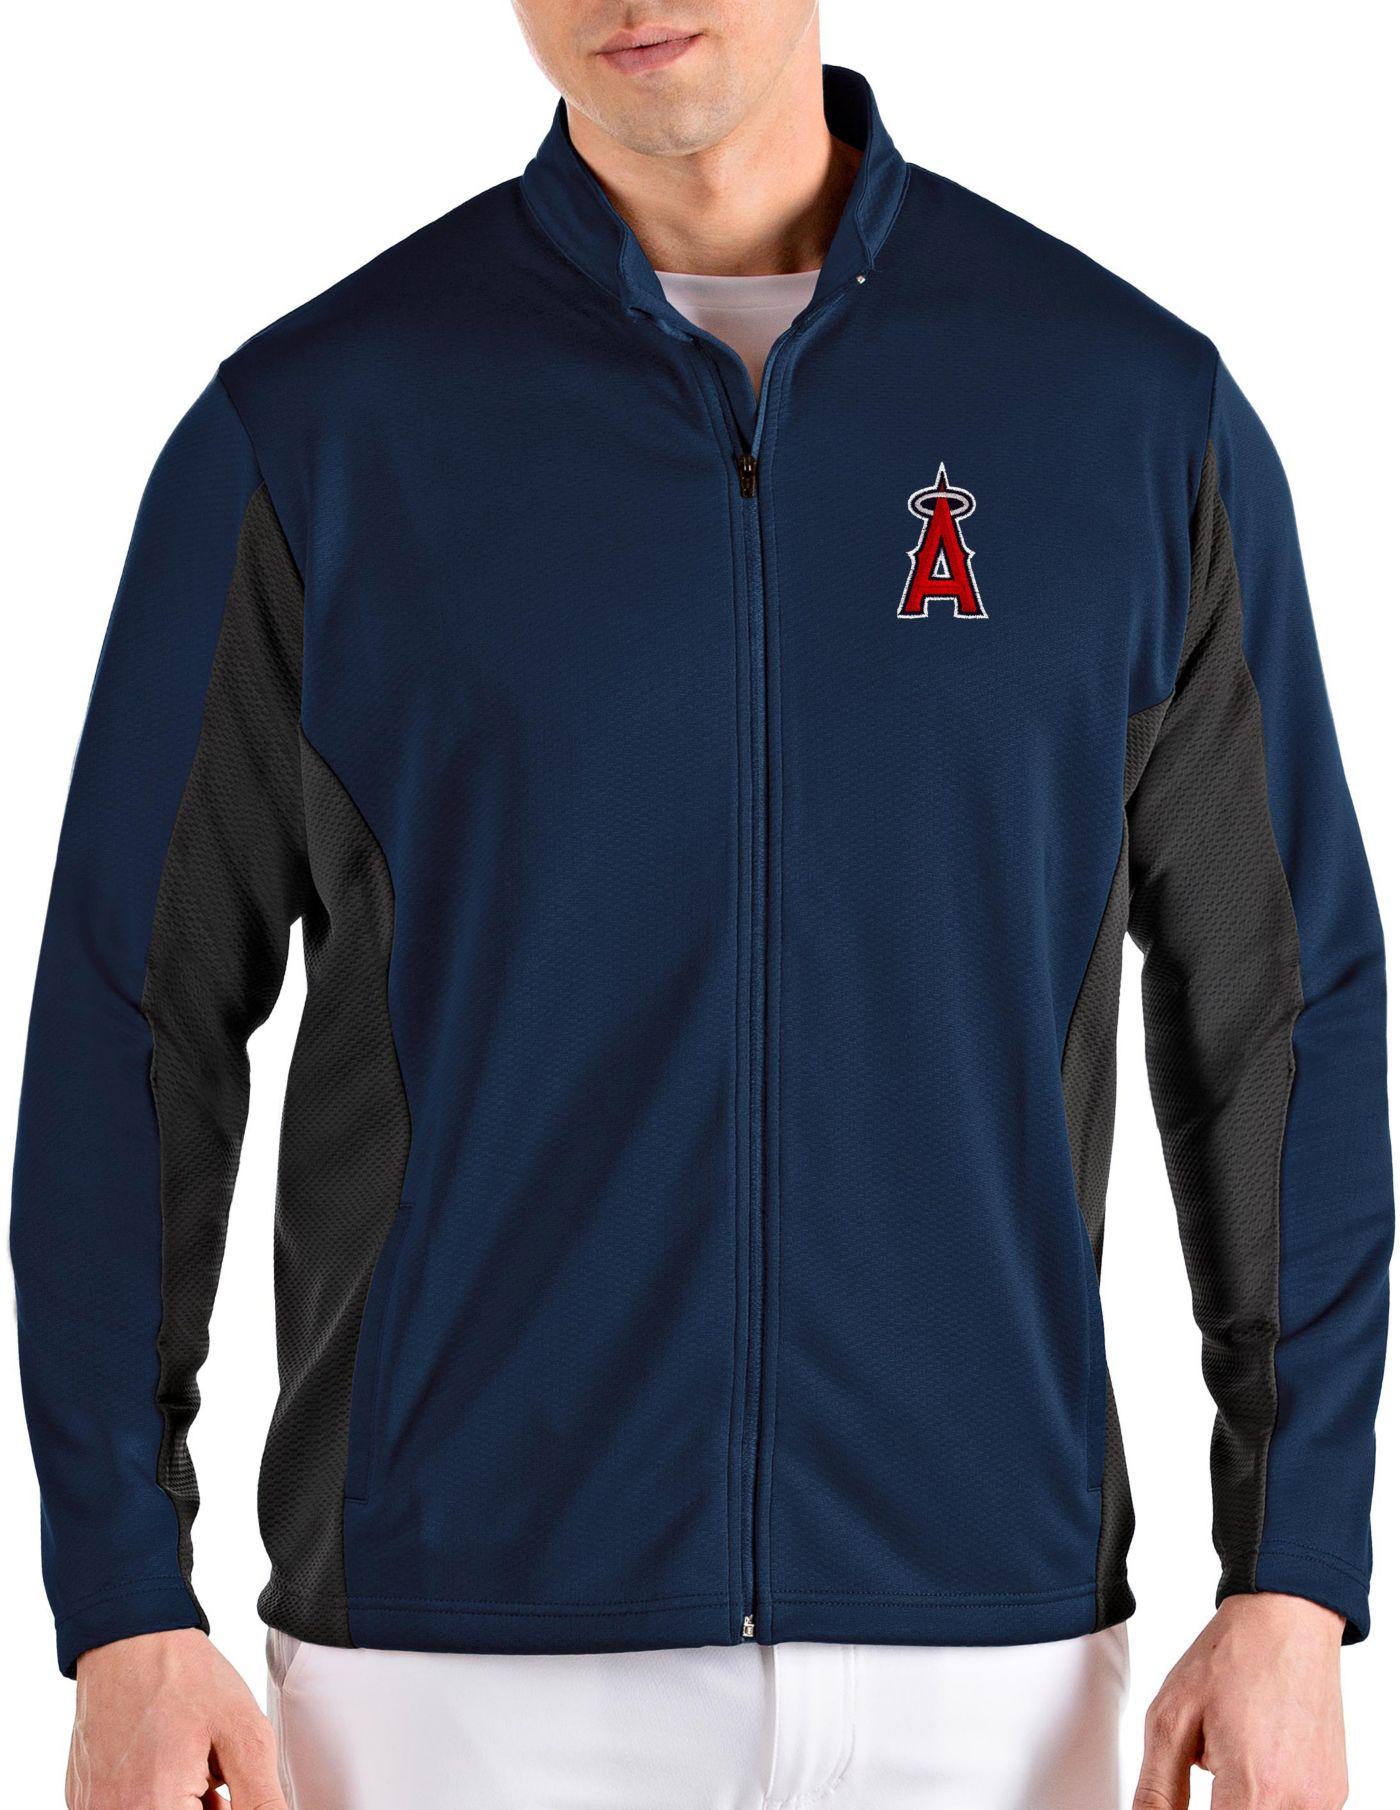 Antigua Men's Los Angeles Angels Navy Passage Full-Zip Jacket